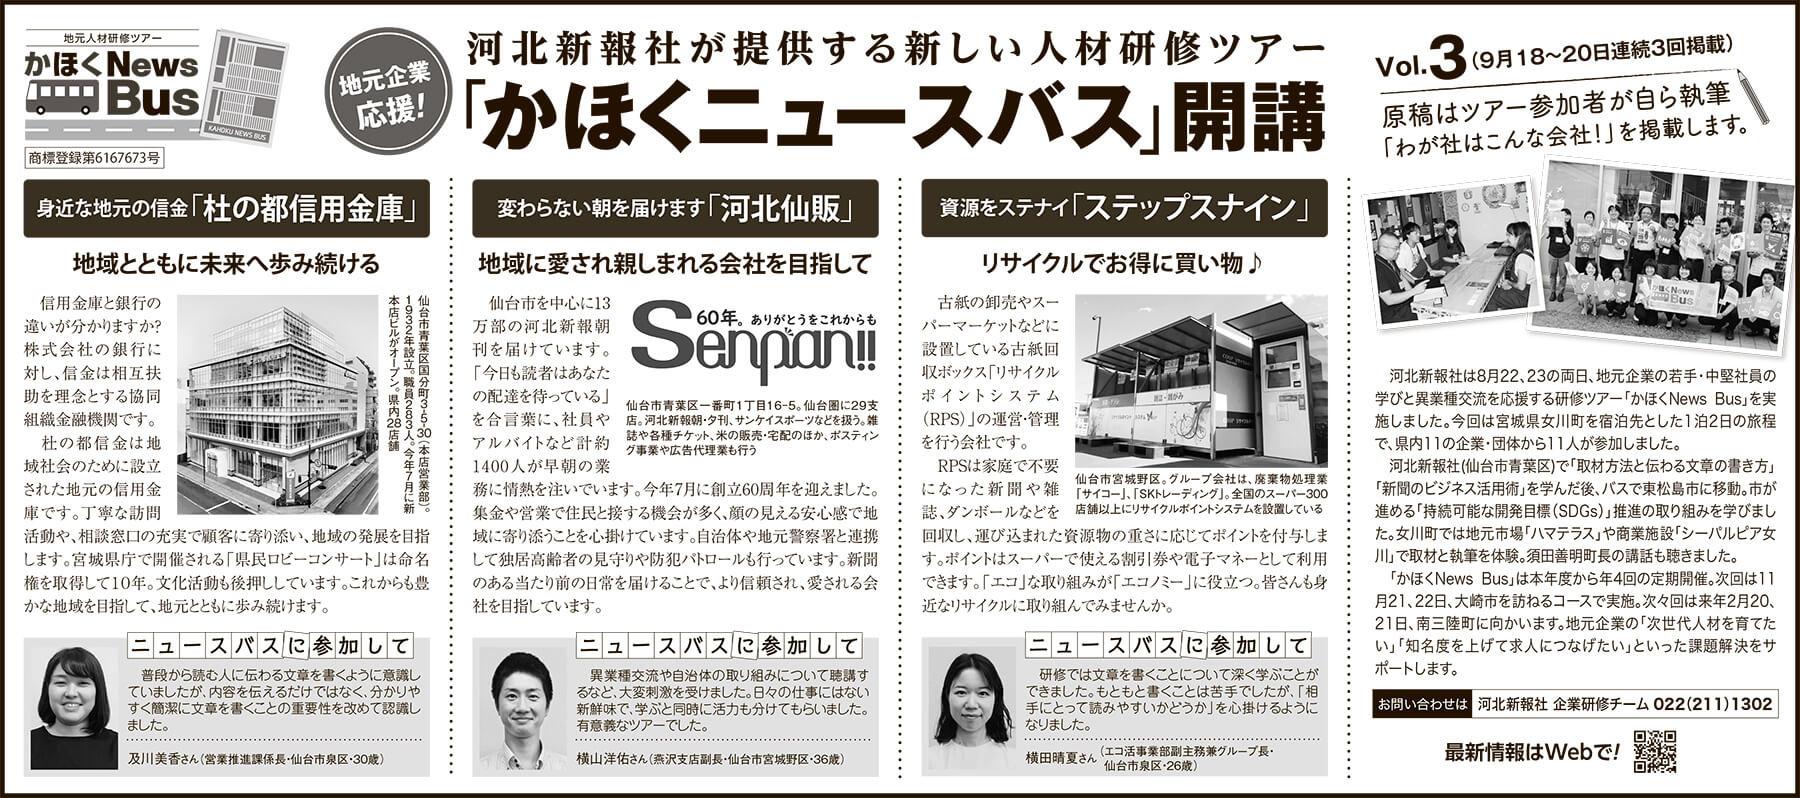 2019自社PR原稿News_Bus_5d-3.jpg